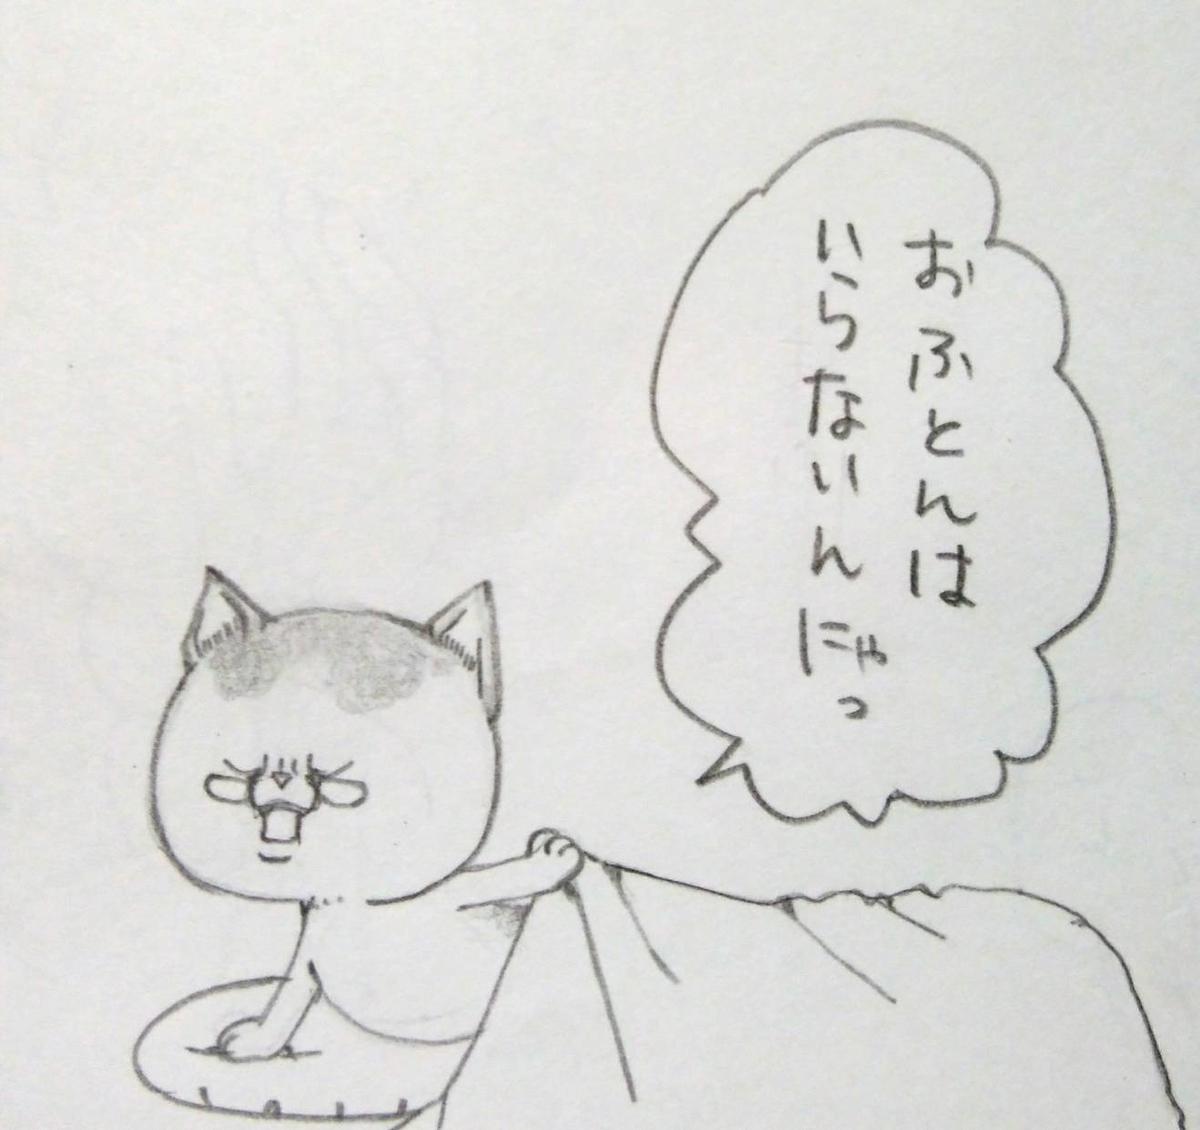 f:id:maricats:20200222171955j:plain